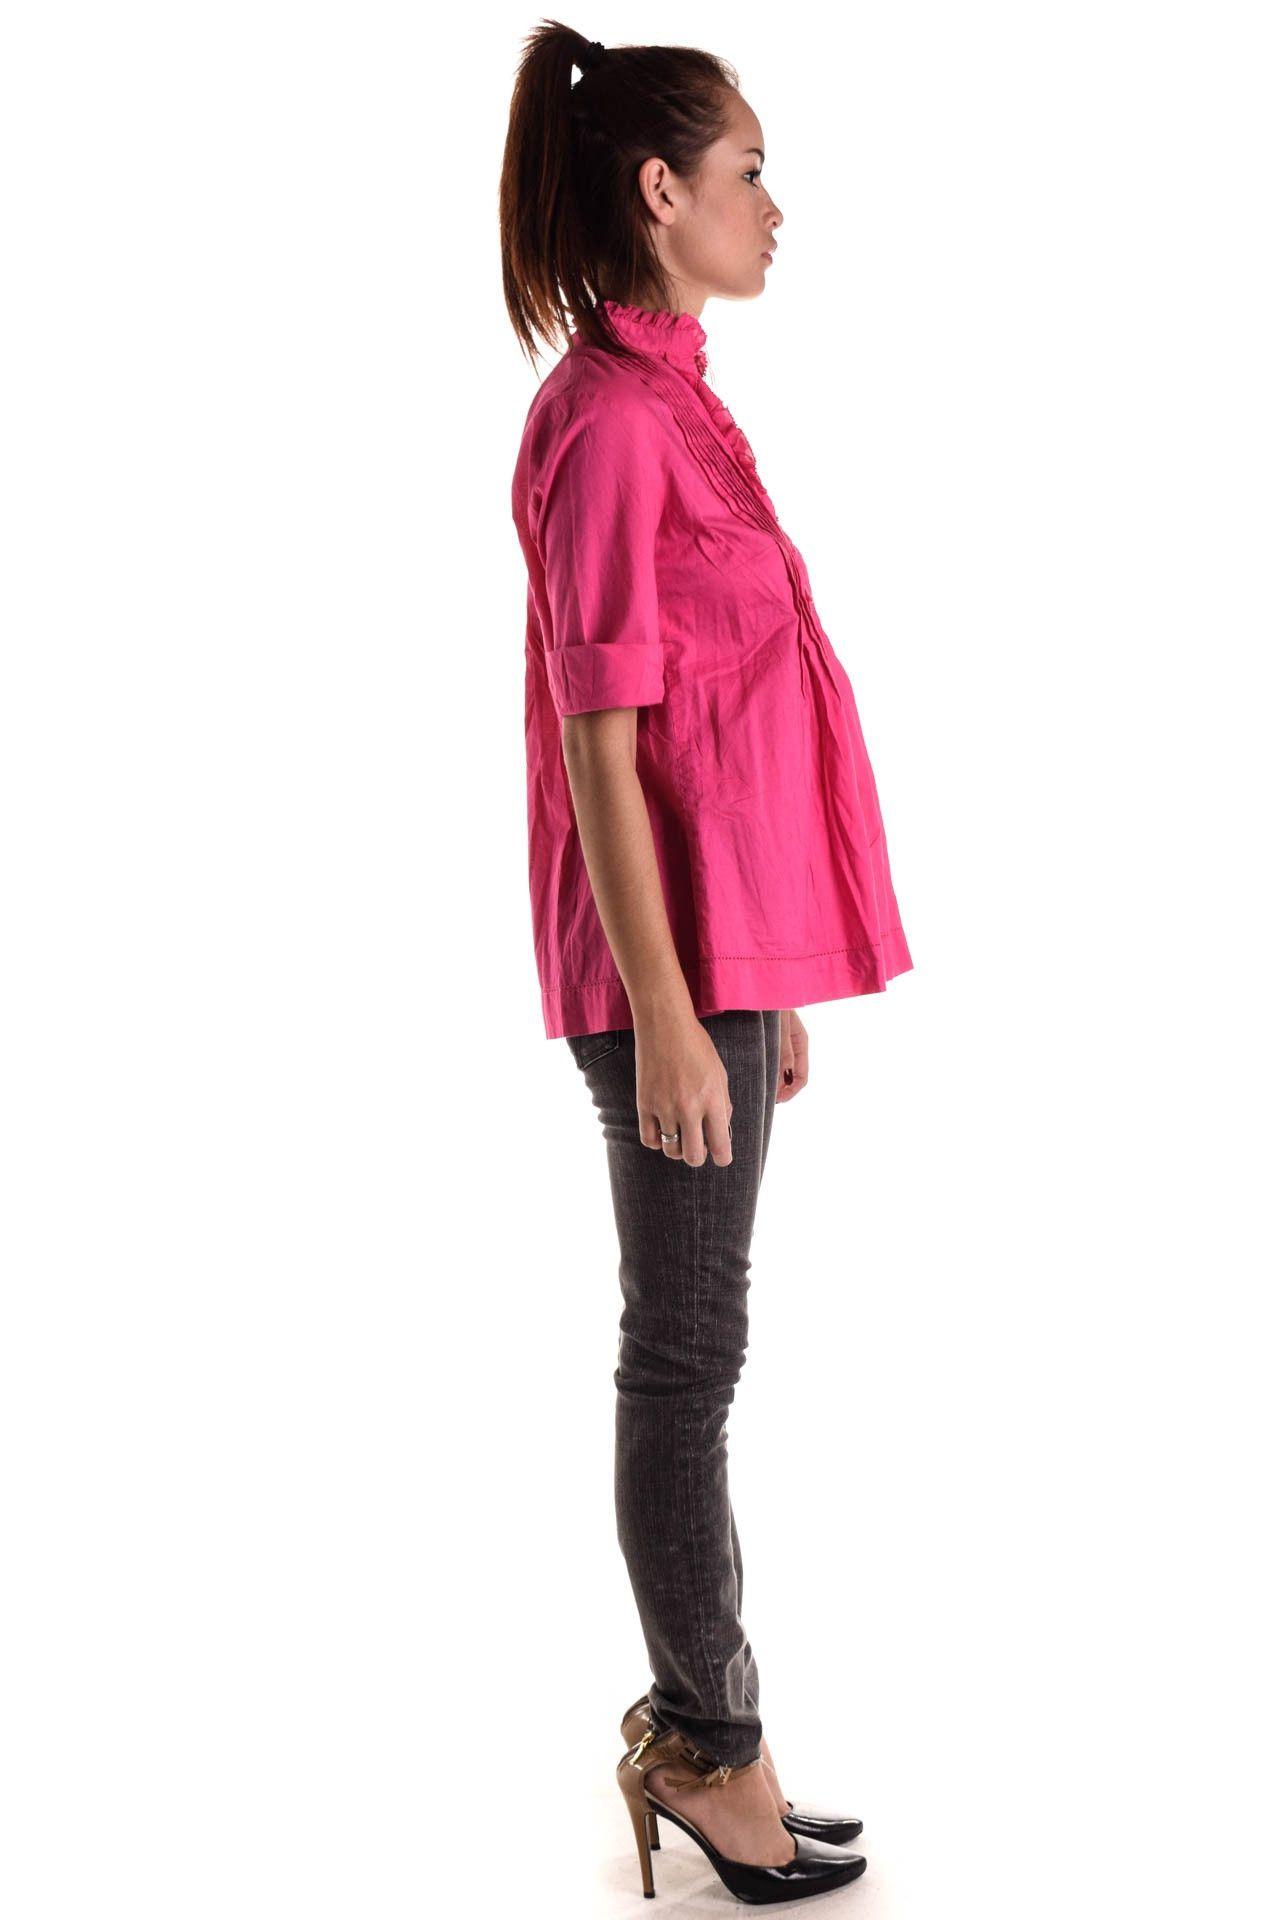 Michael Kors - Camisa Rosa Drapeada - Foto 4